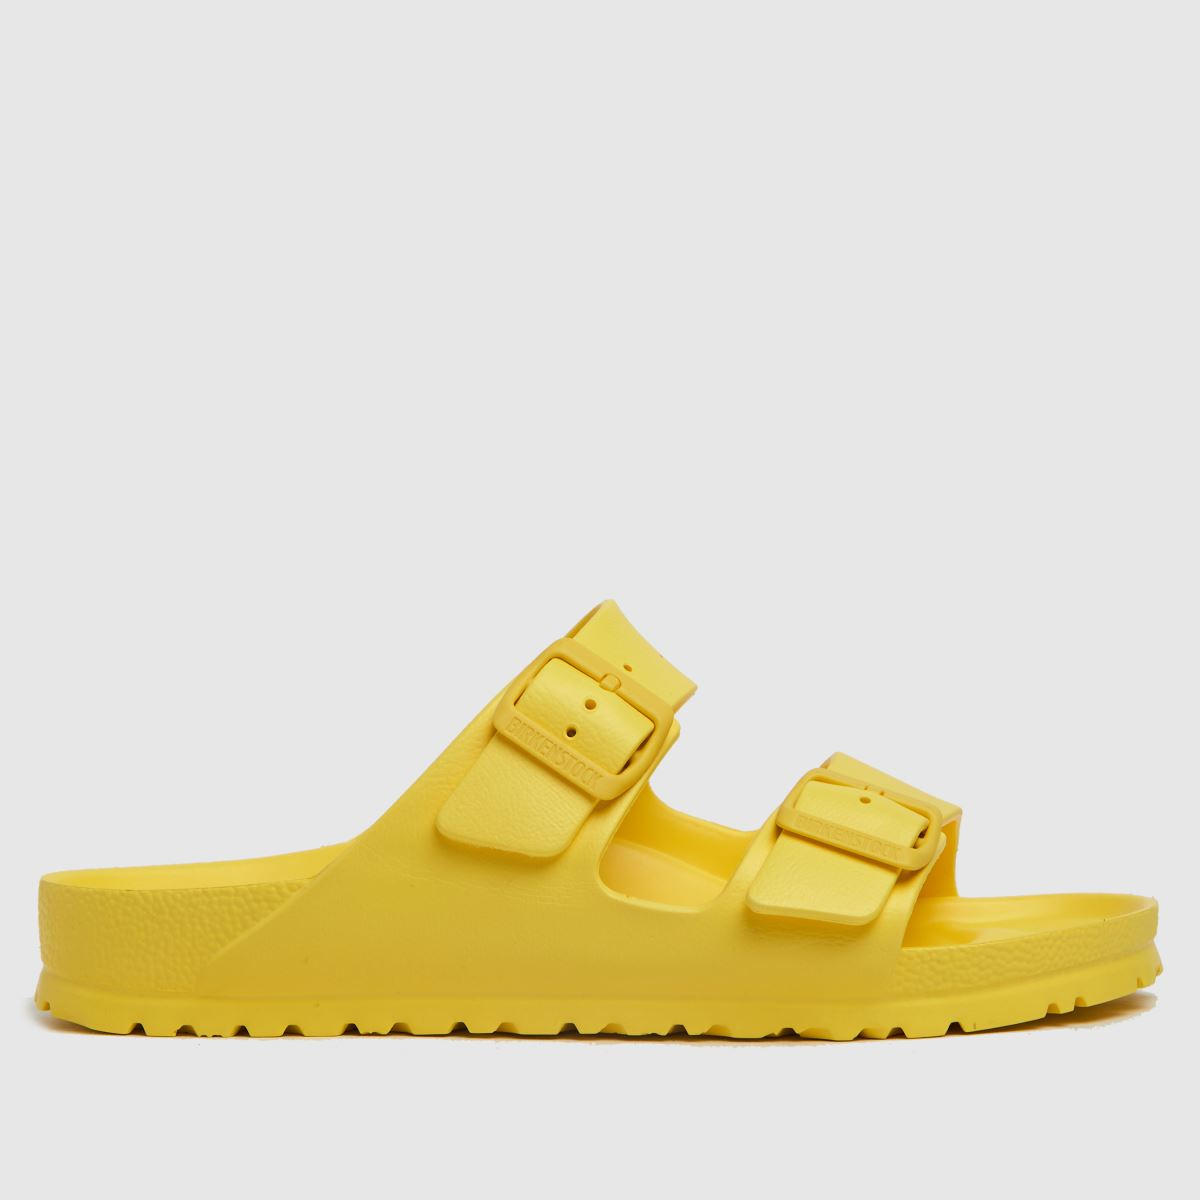 BIRKENSTOCK Yellow Arizona Sandals